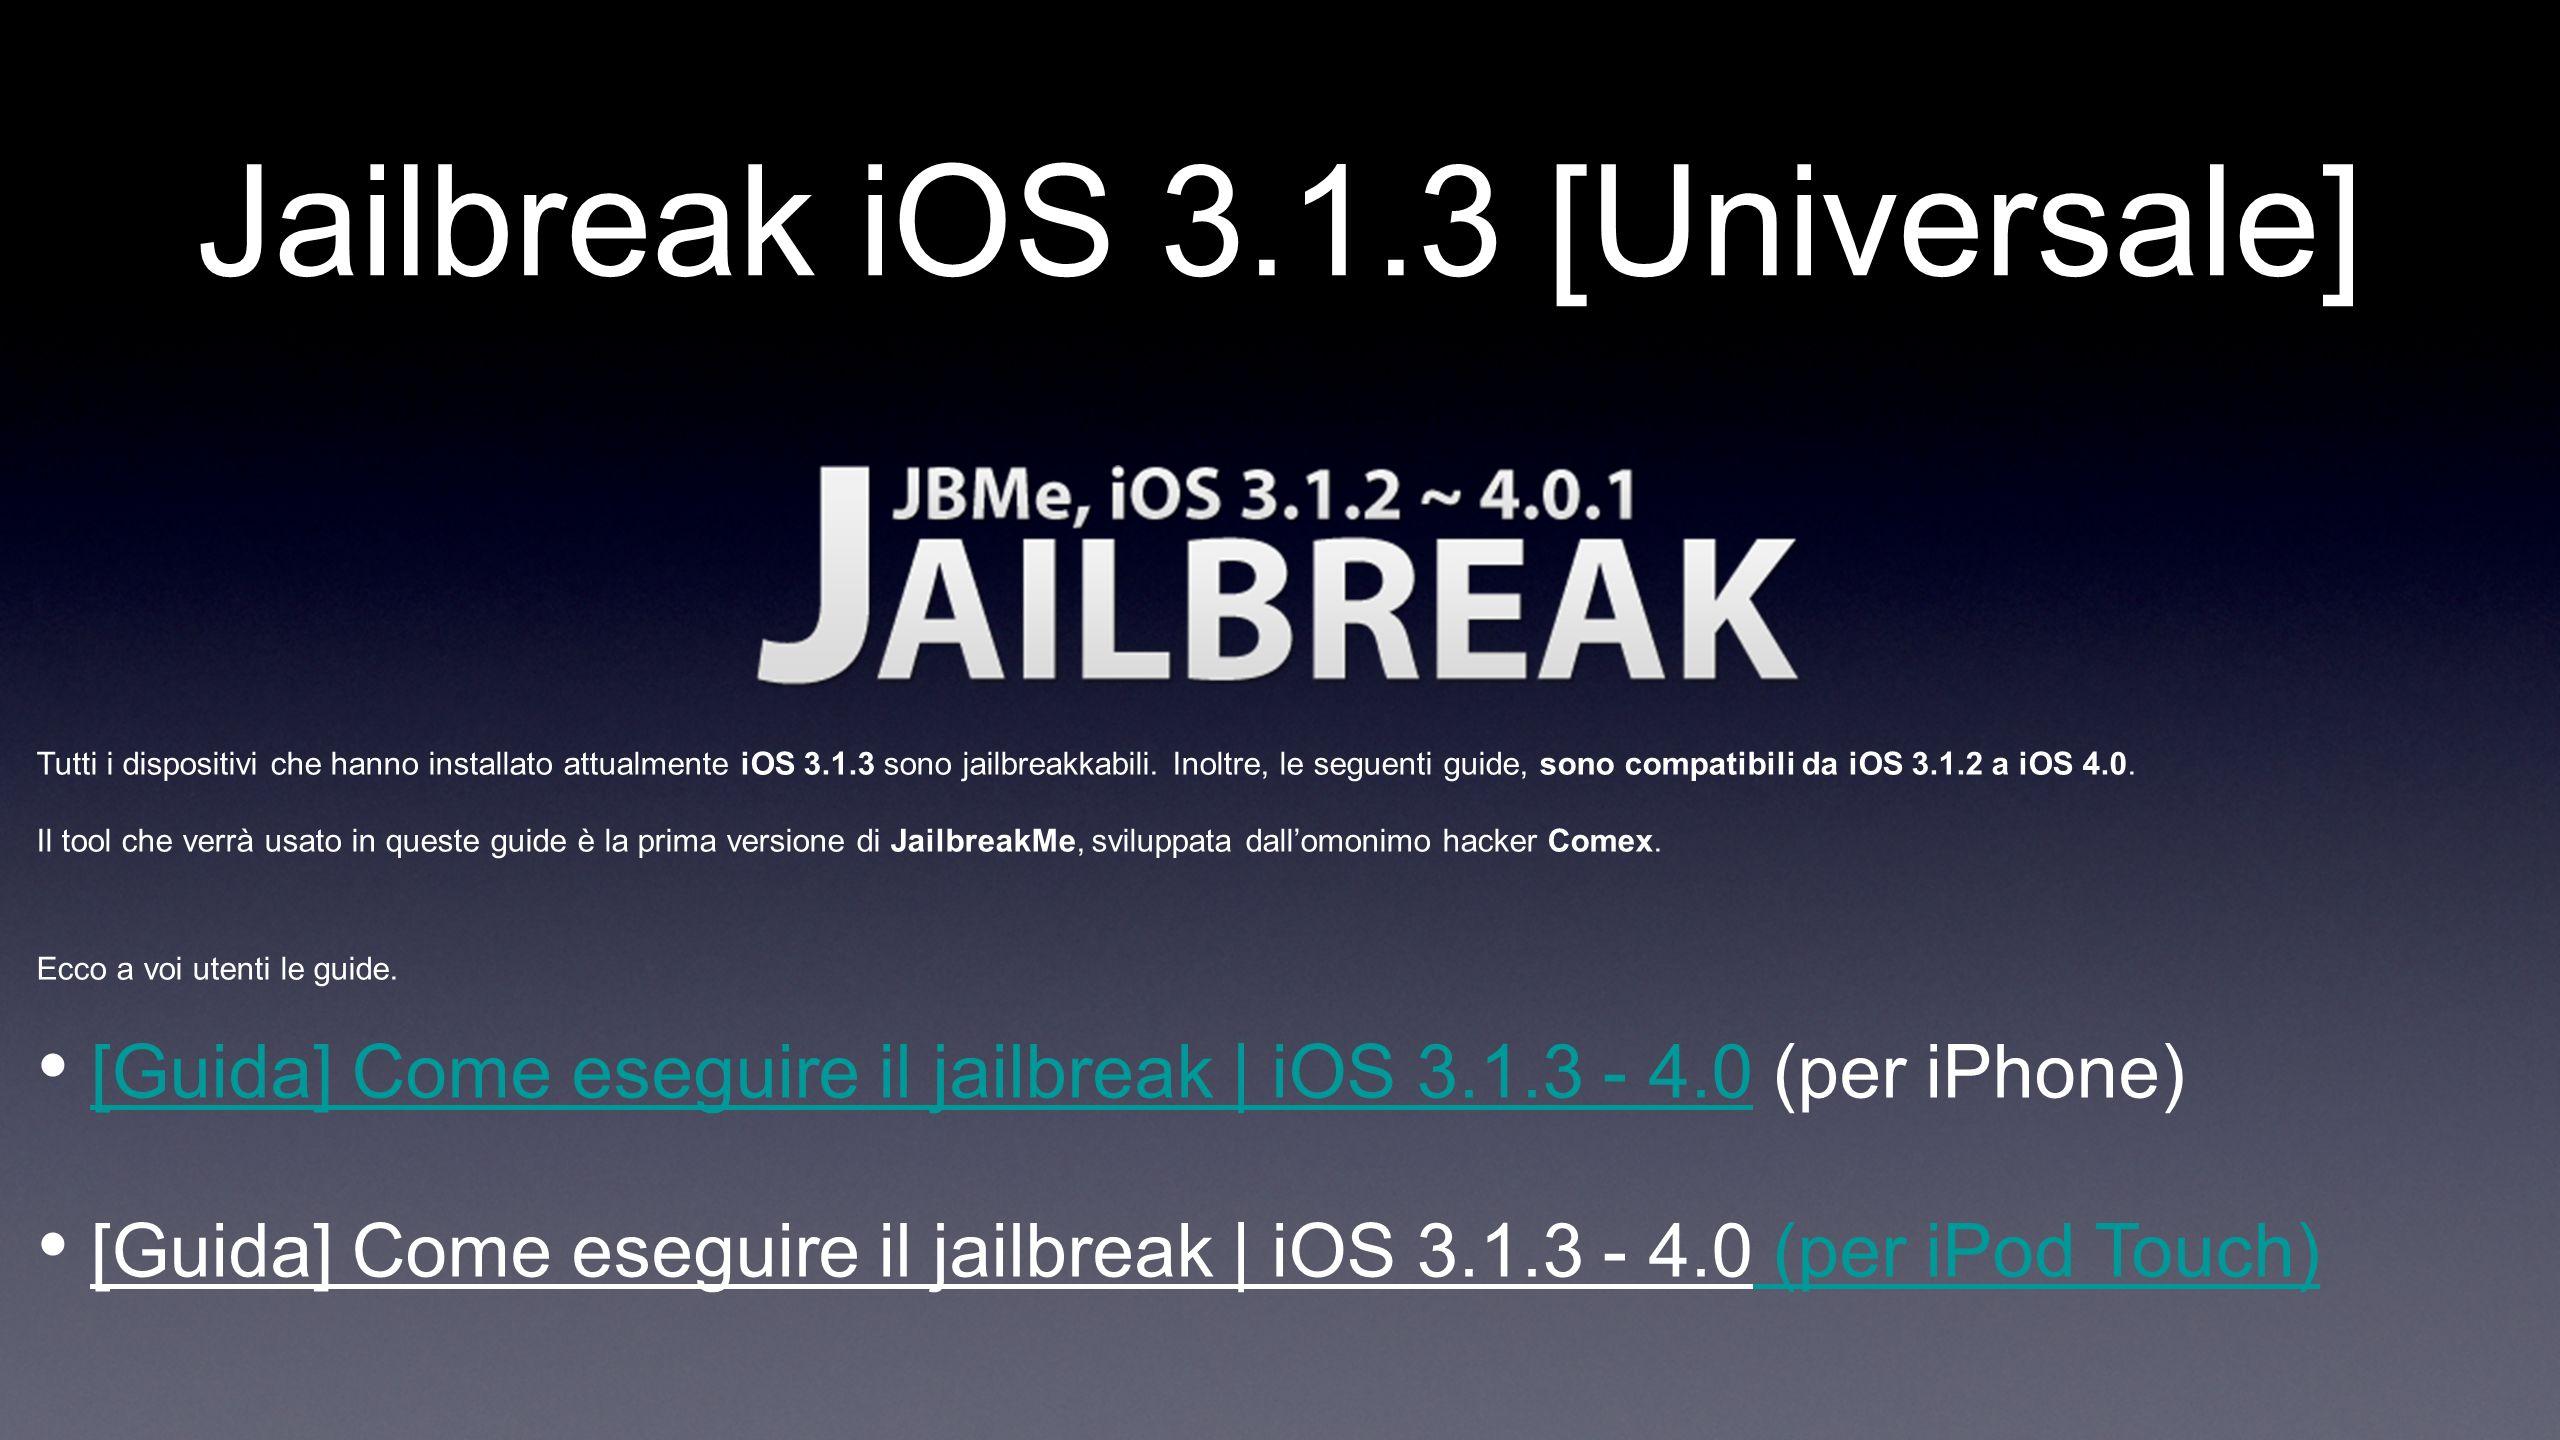 Whited00r Whited00r è una versione di firmware già jailbreakkata, che permette di emulare delle funzioni presenti in iOS 5 sui dispositivi che non lo supportano.